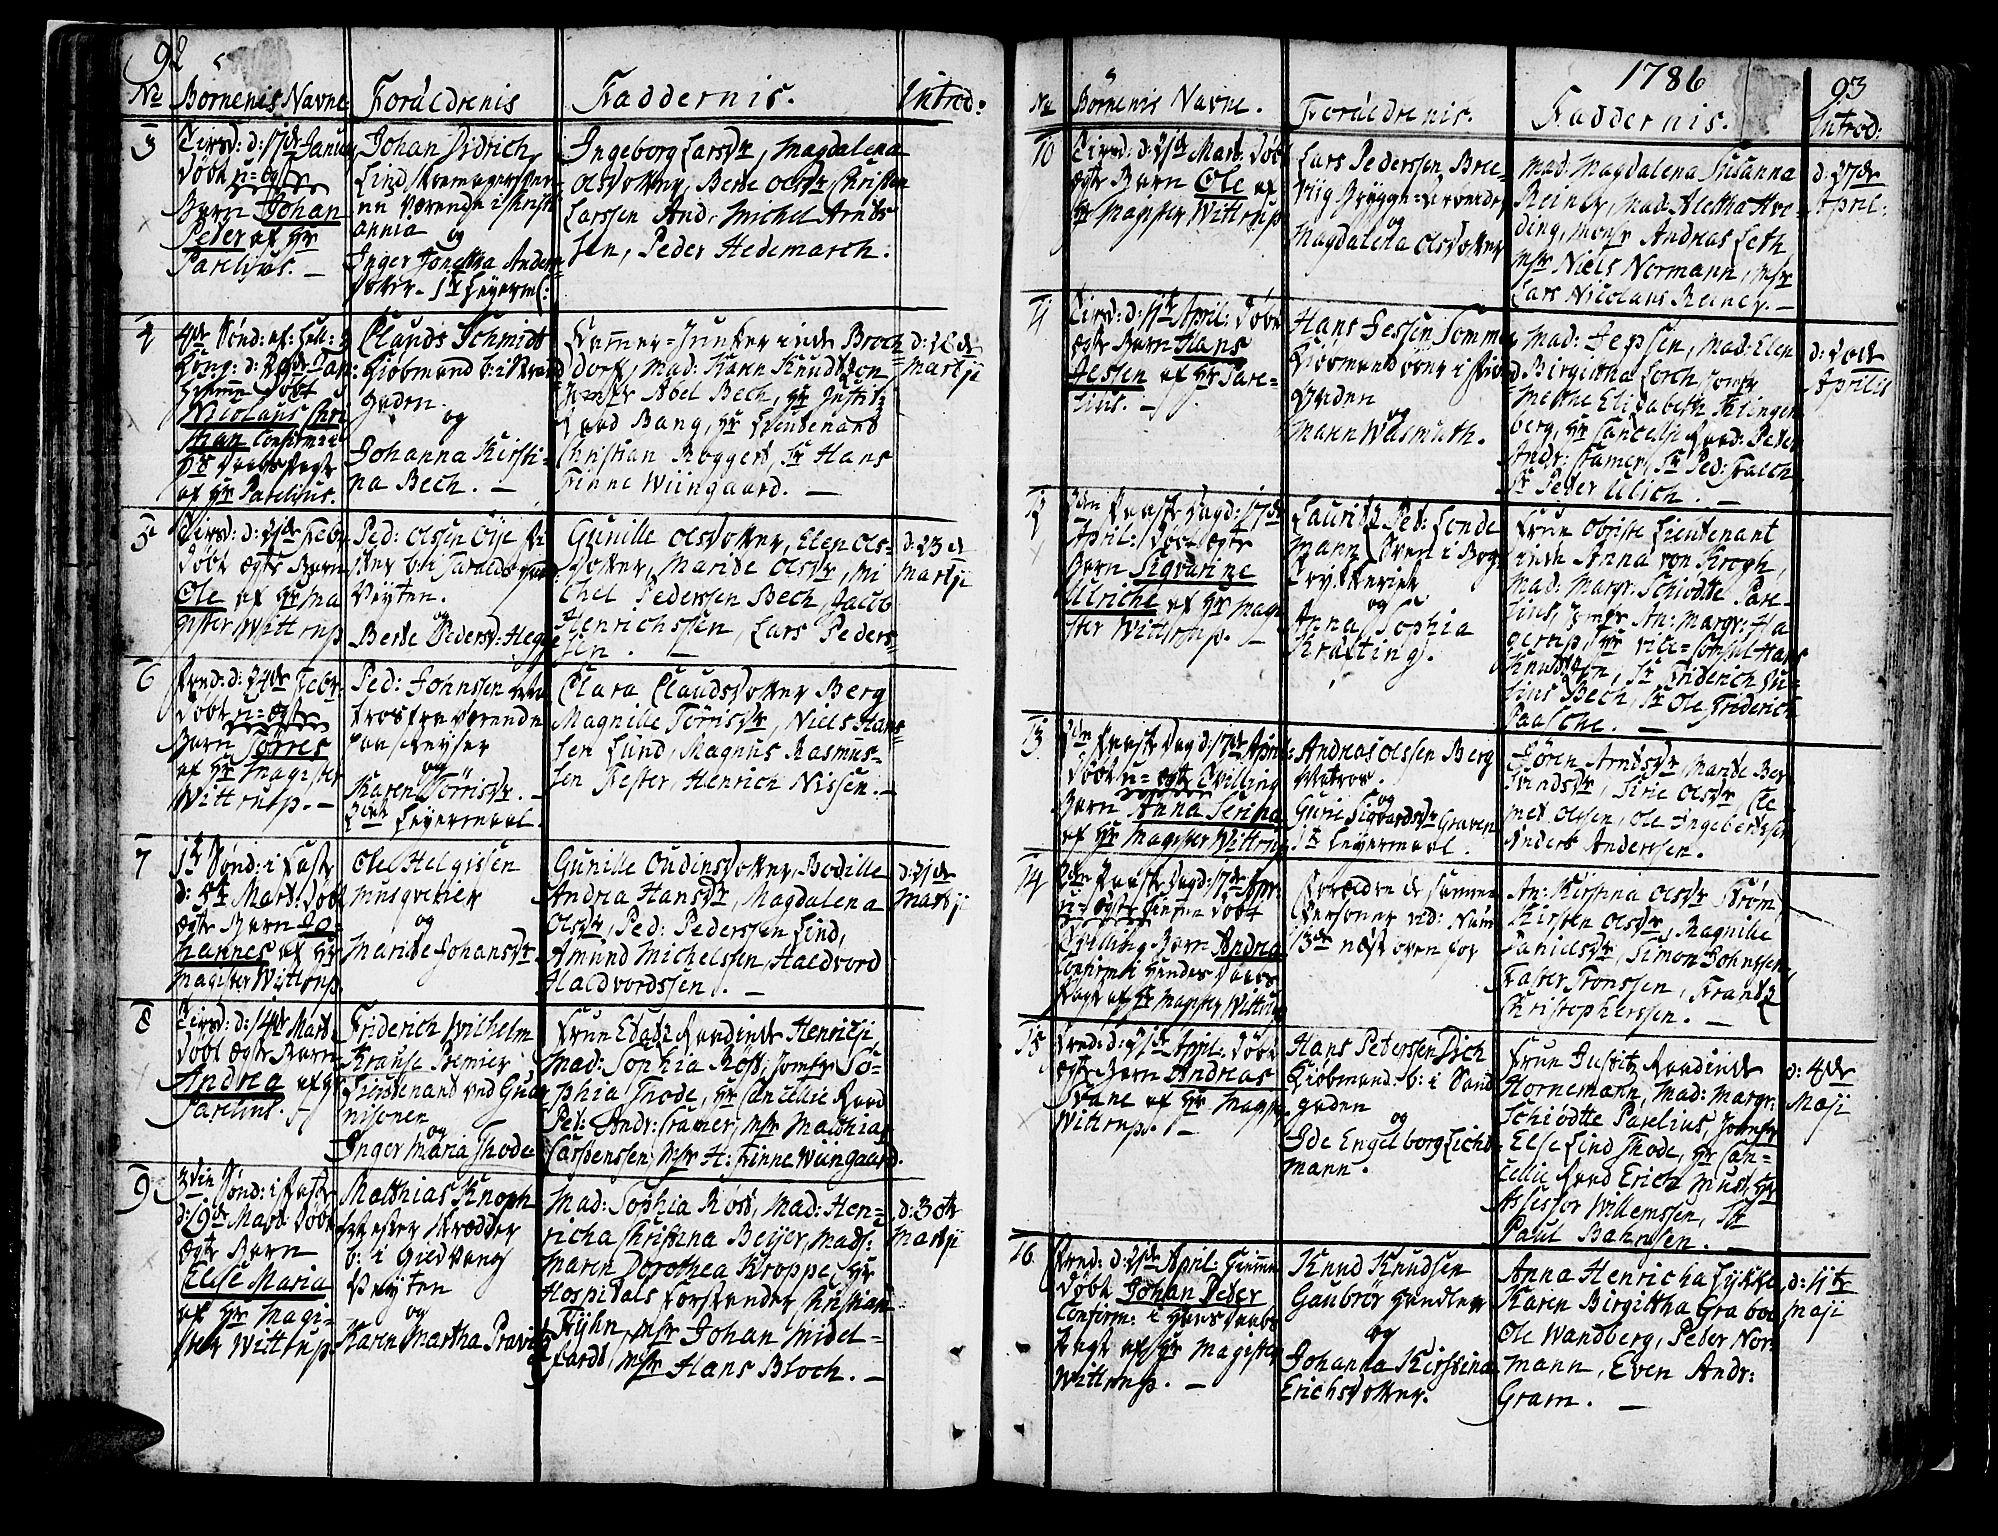 SAT, Ministerialprotokoller, klokkerbøker og fødselsregistre - Sør-Trøndelag, 602/L0104: Ministerialbok nr. 602A02, 1774-1814, s. 92-93